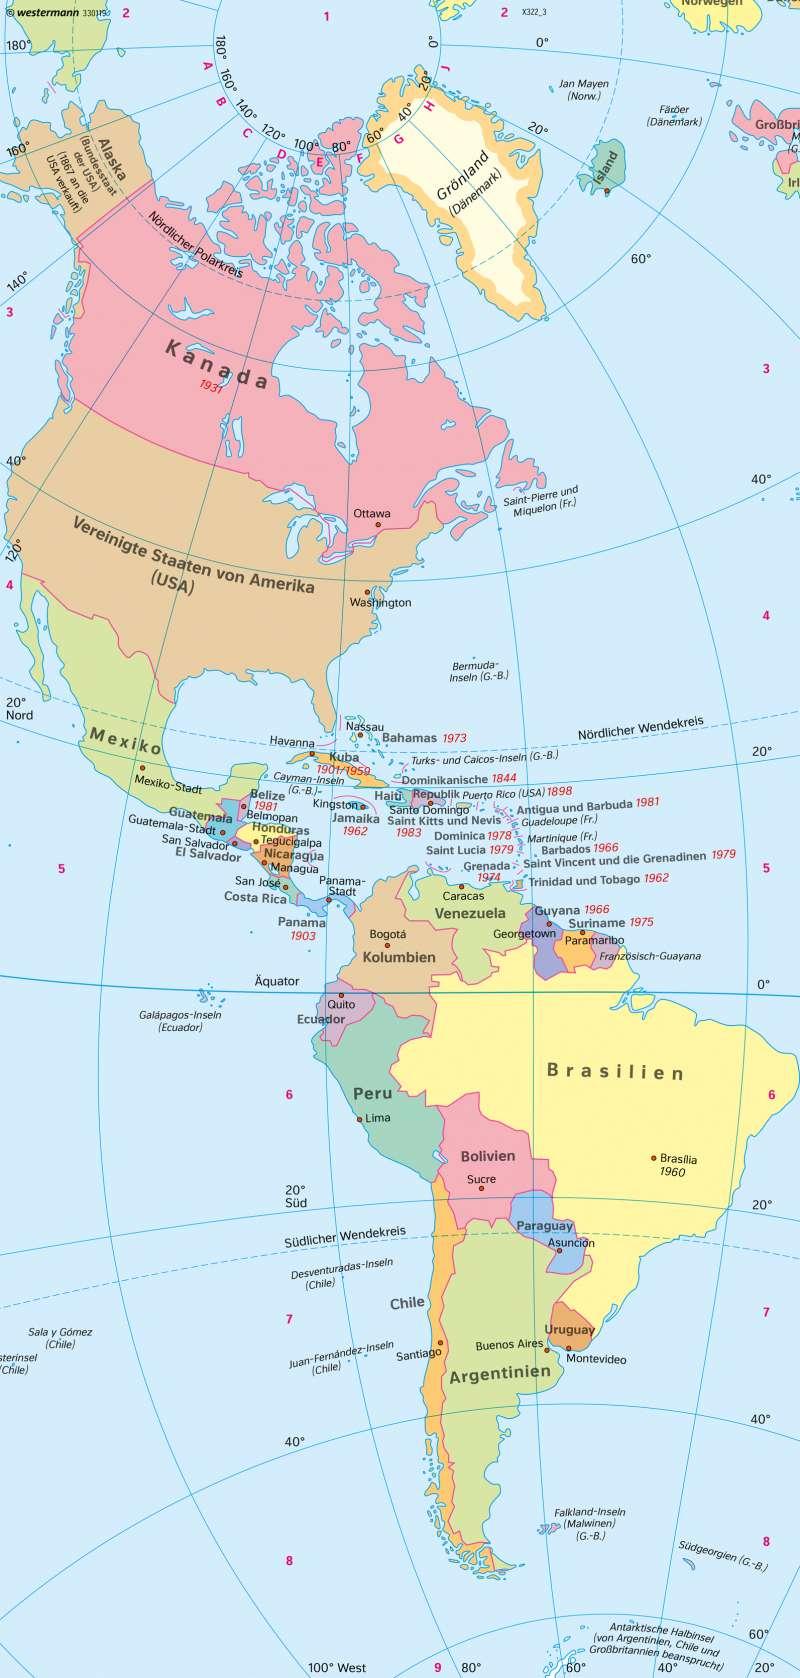 Usa Karte Ohne Staaten.Diercke Weltatlas Kartenansicht Amerika Politische übersicht